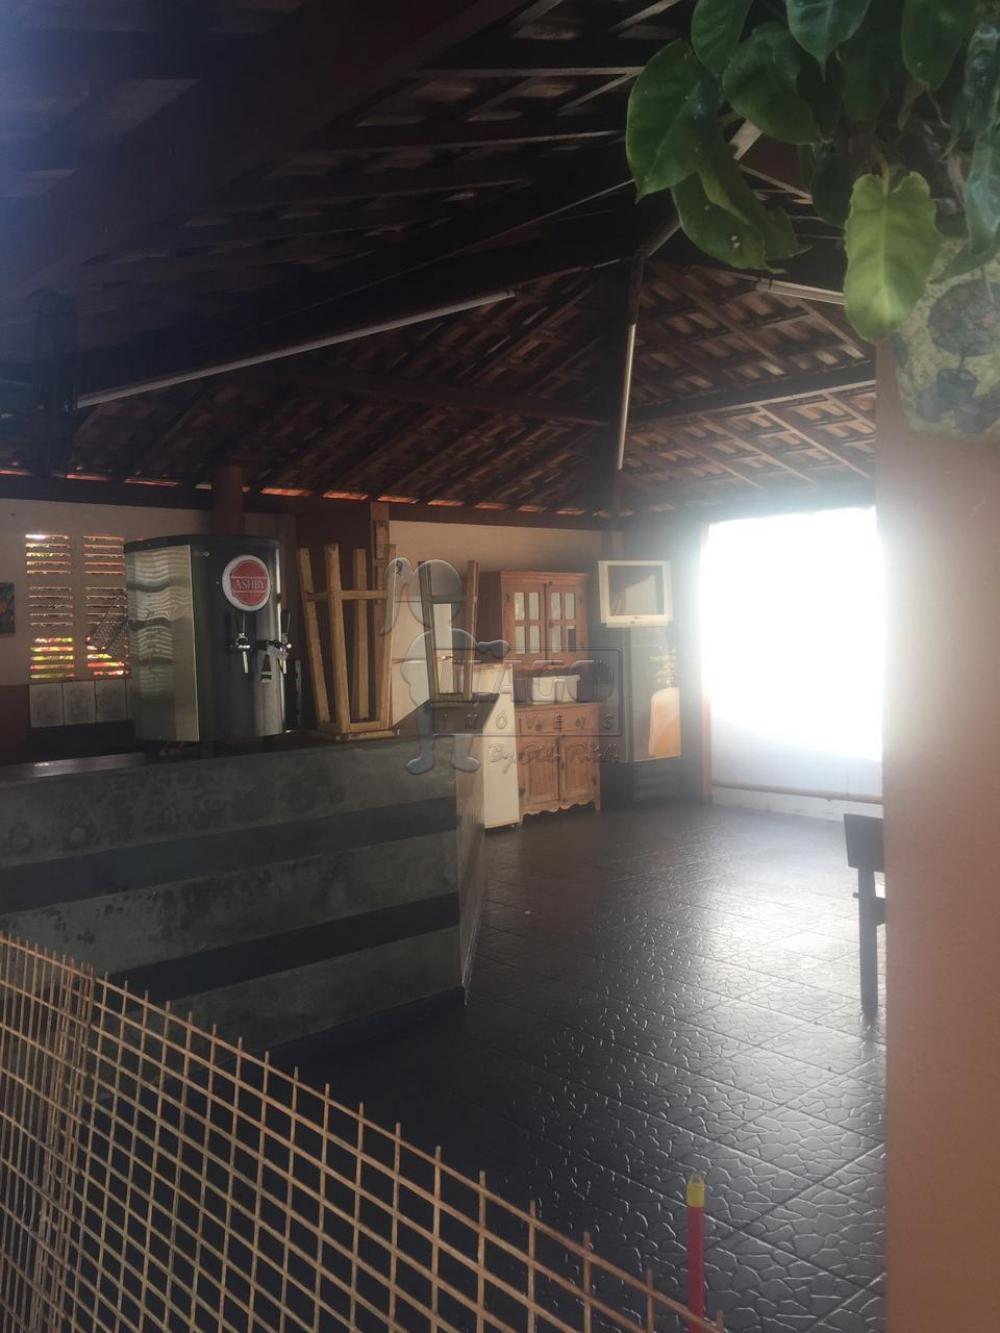 Comprar Casas / Chácara / Rancho em Batatais R$ 950.000,00 - Foto 15